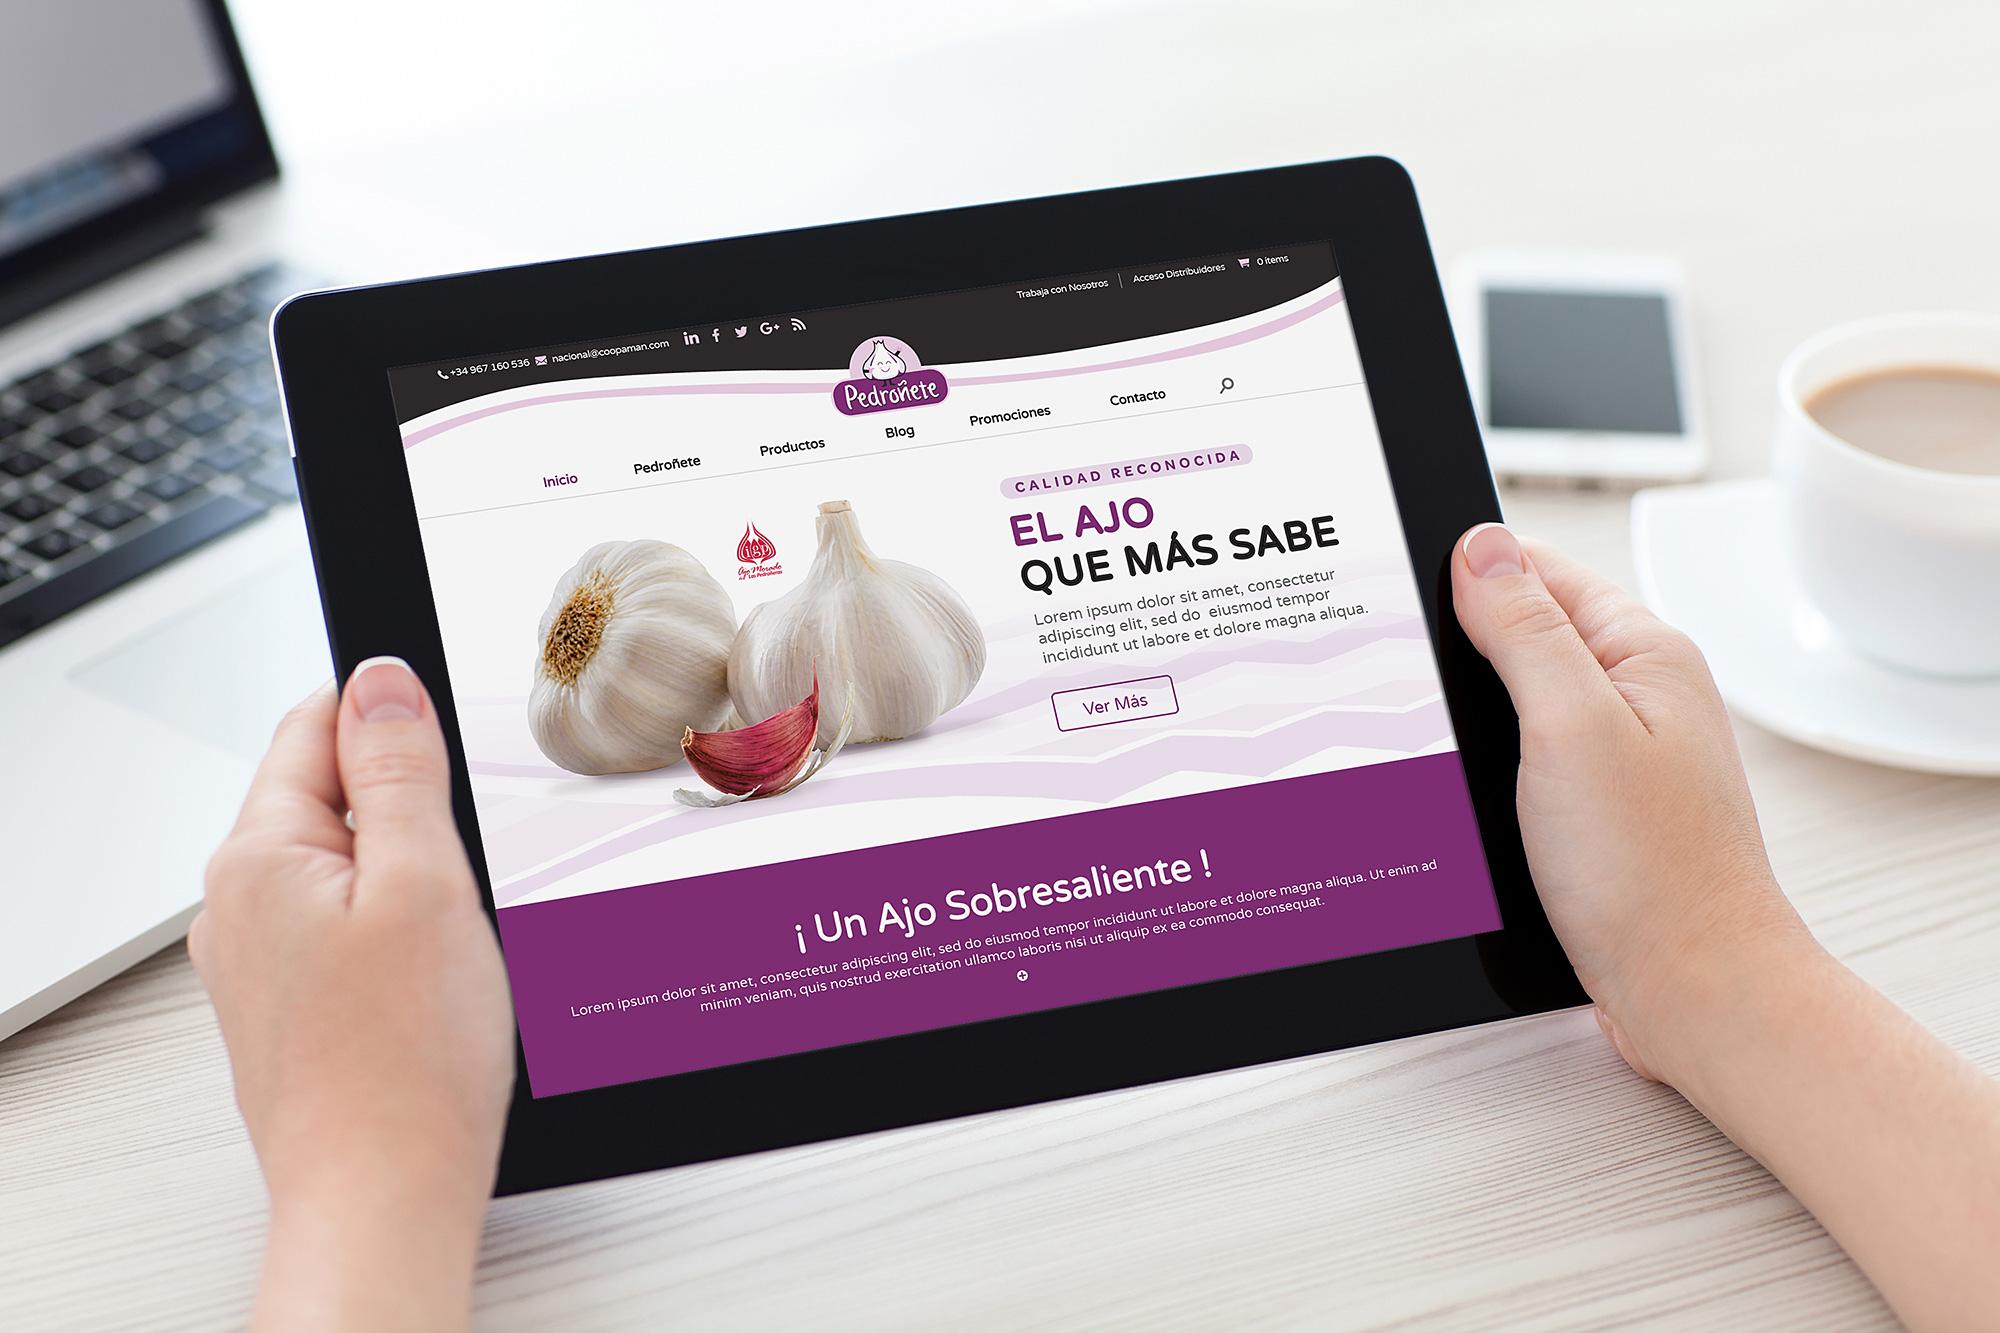 Gestión de Redes Sociales, Diseño gráfico Albacete, redes sociales y SEO, tienda online Pedroñete